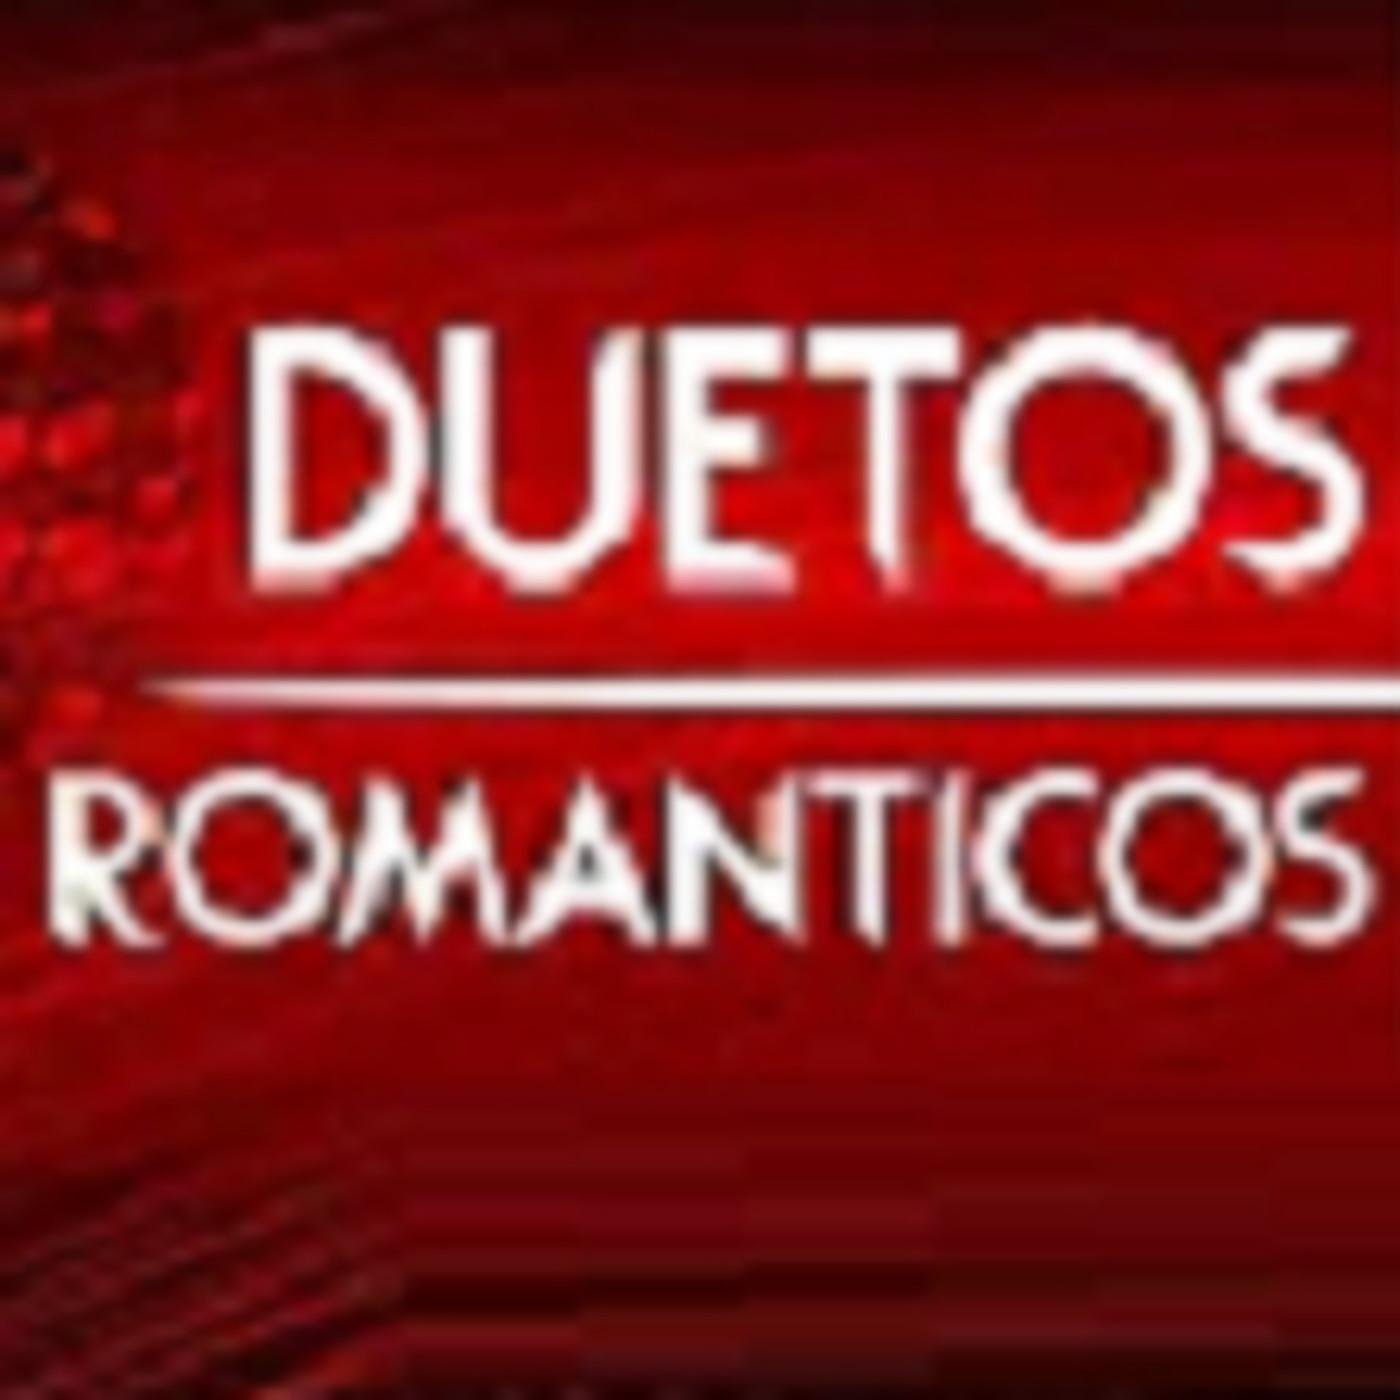 Duetos románticos - Varios Artistas en Música para